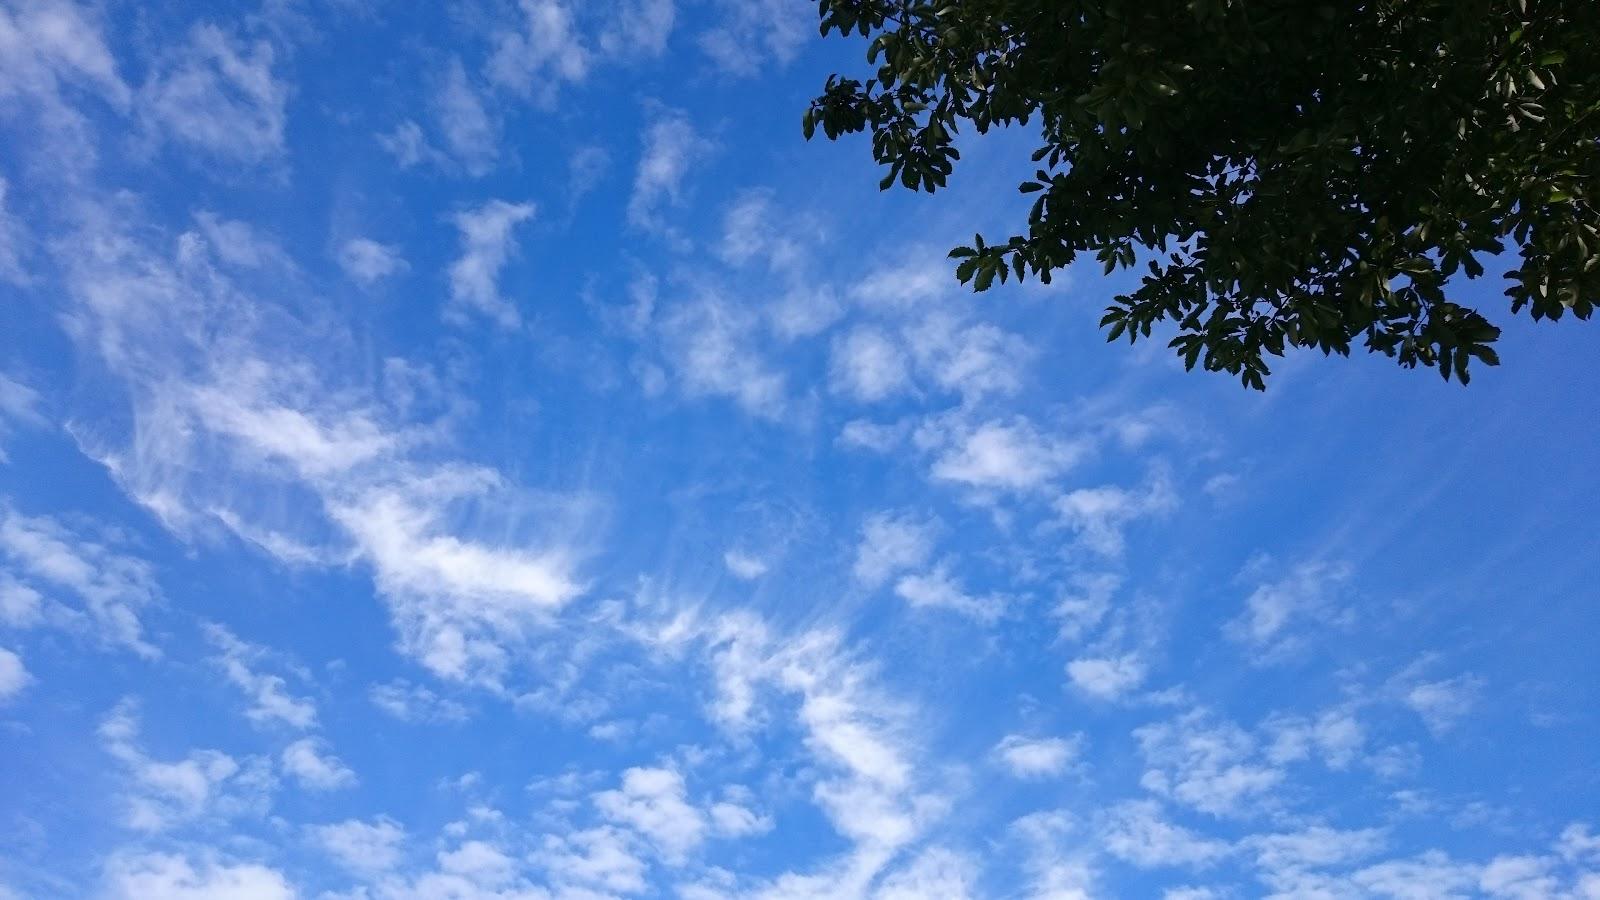 秋の良く晴れた空